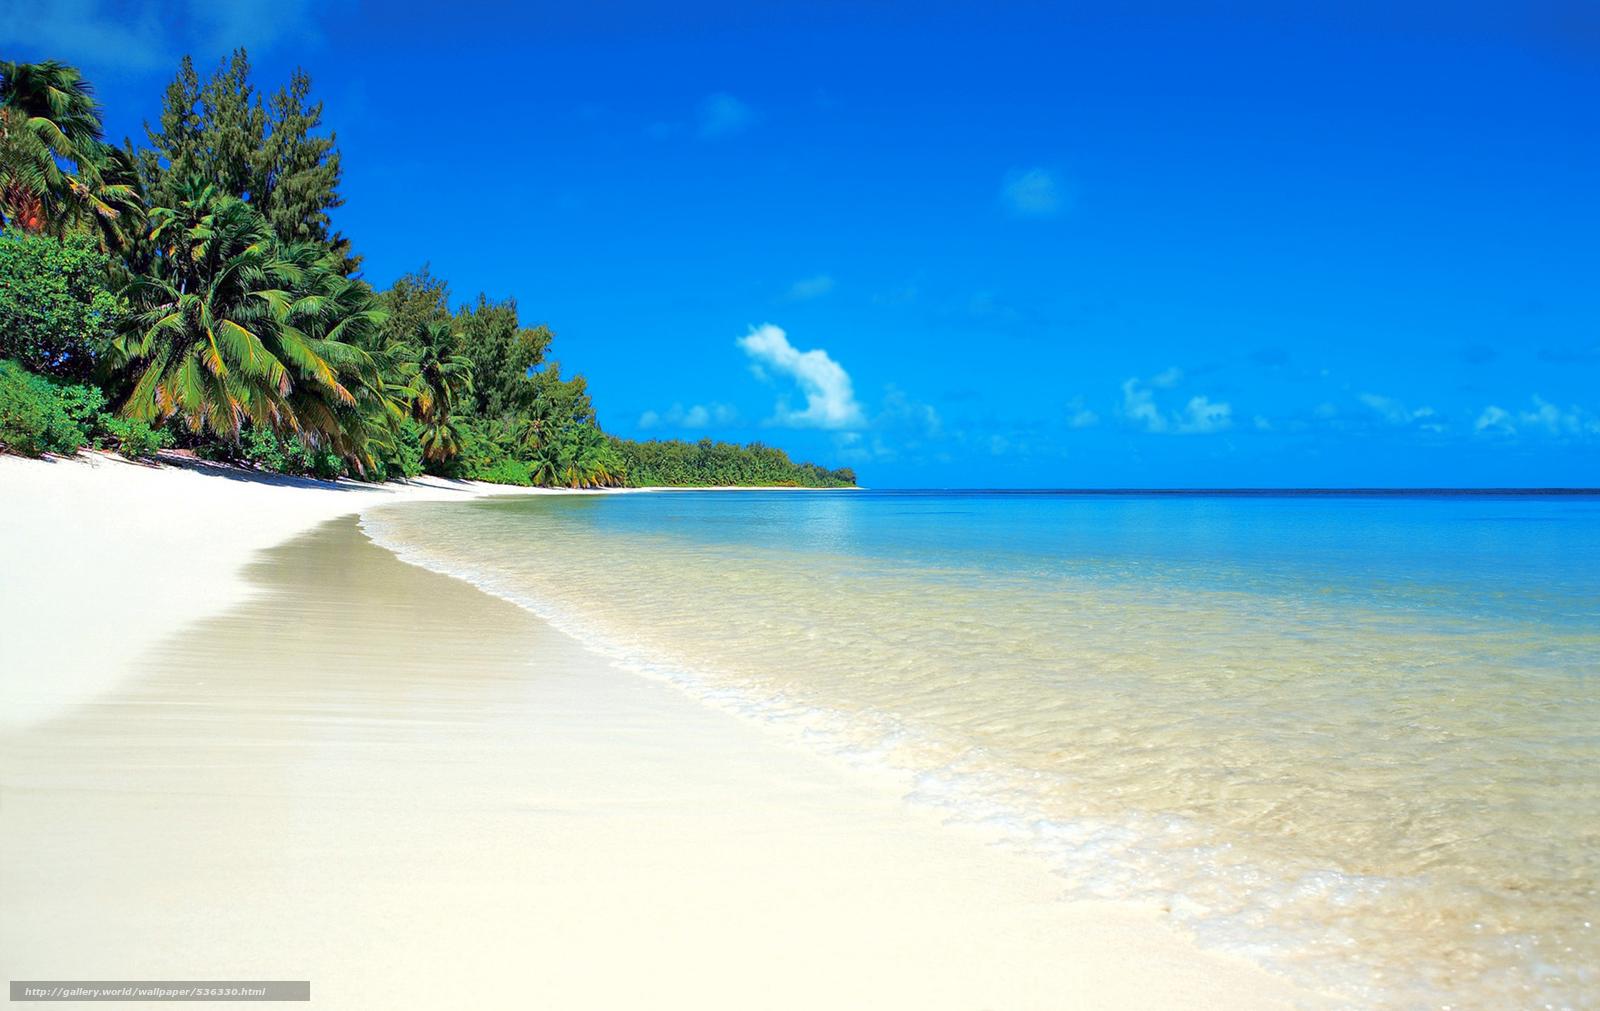 Tlcharger Fond d'ecran paysage, plage, mer Fonds d'ecran gratuits pour votre rsolution du bureau ...